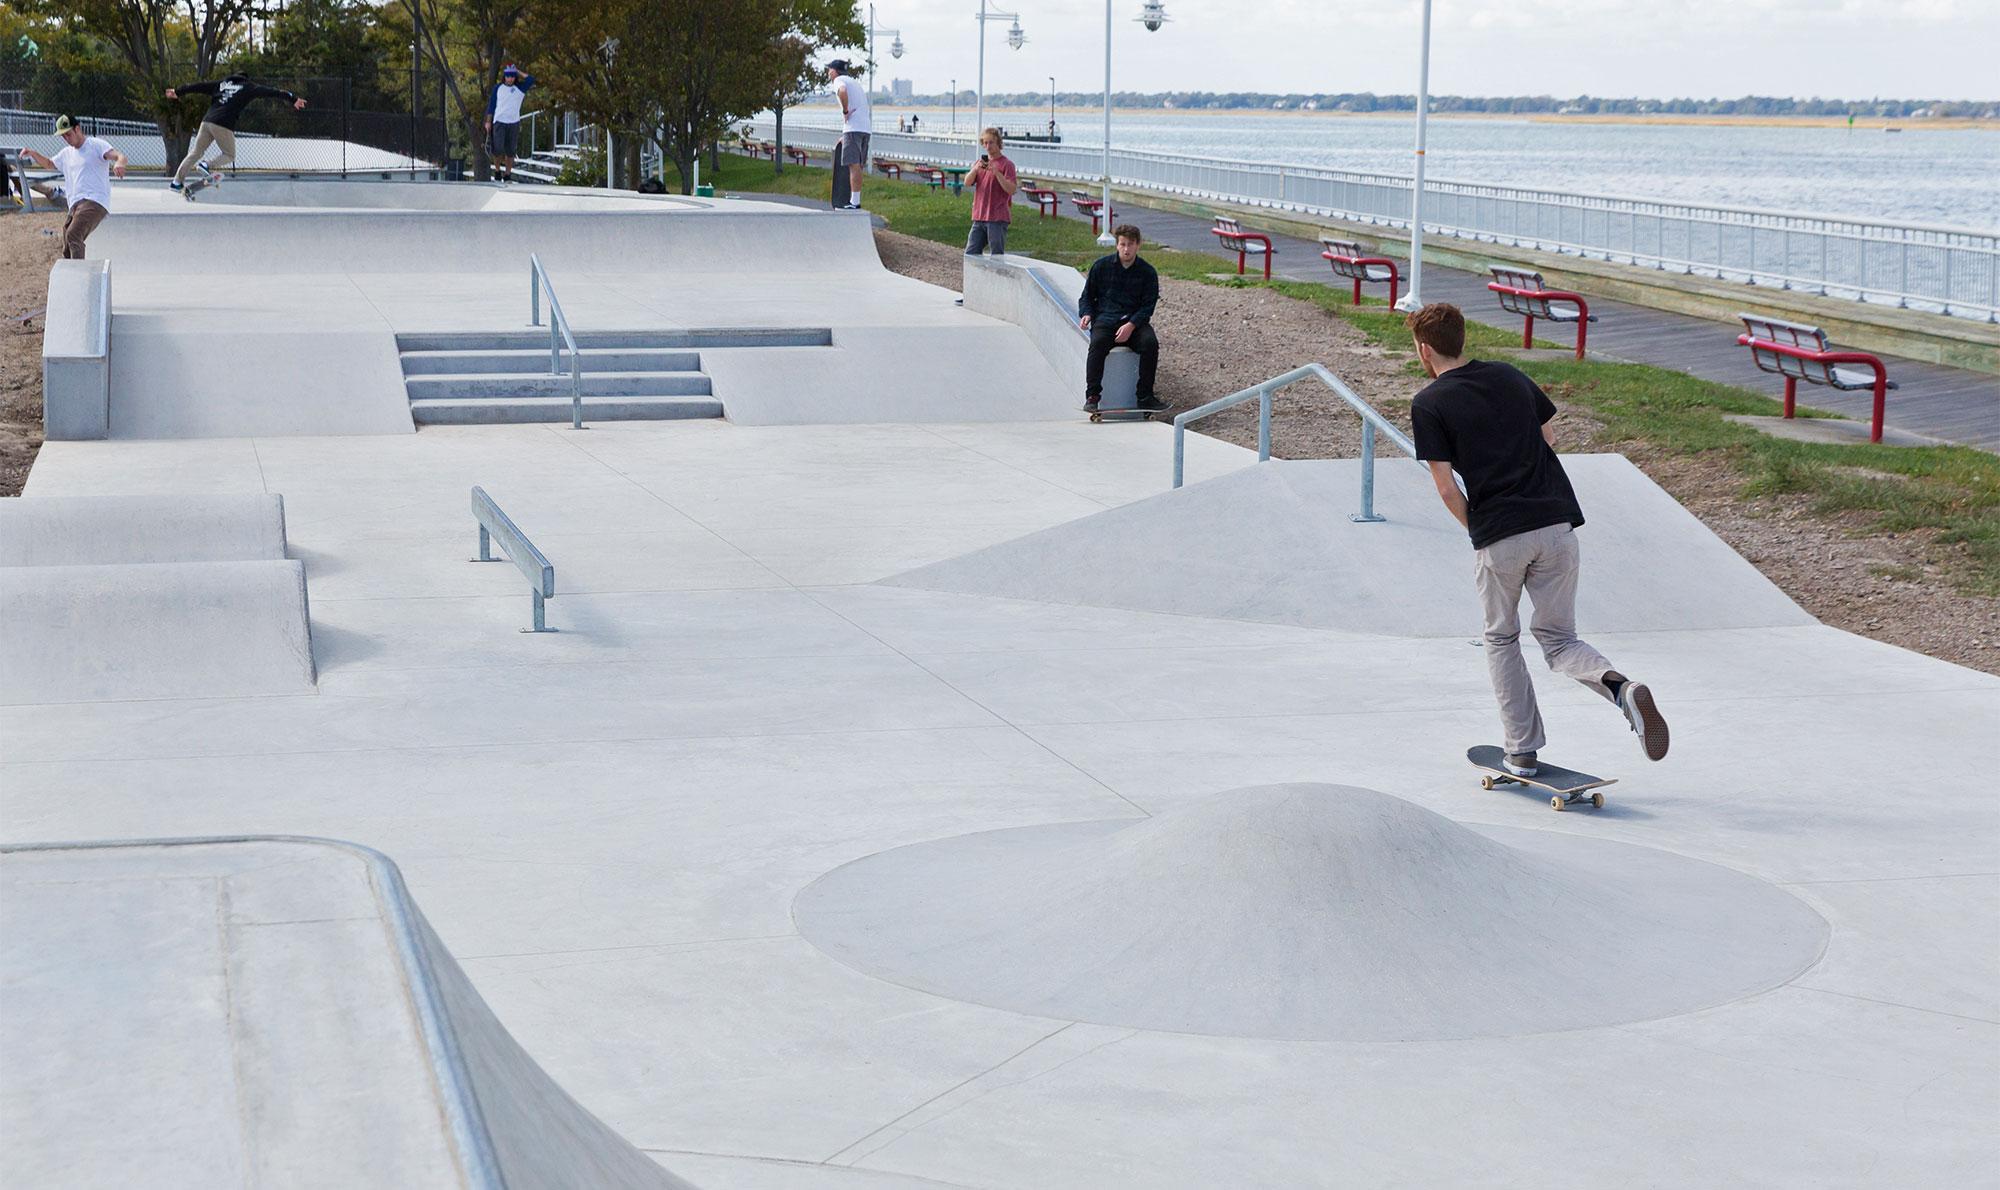 GWL Skatepark - Long Beach Skatepark